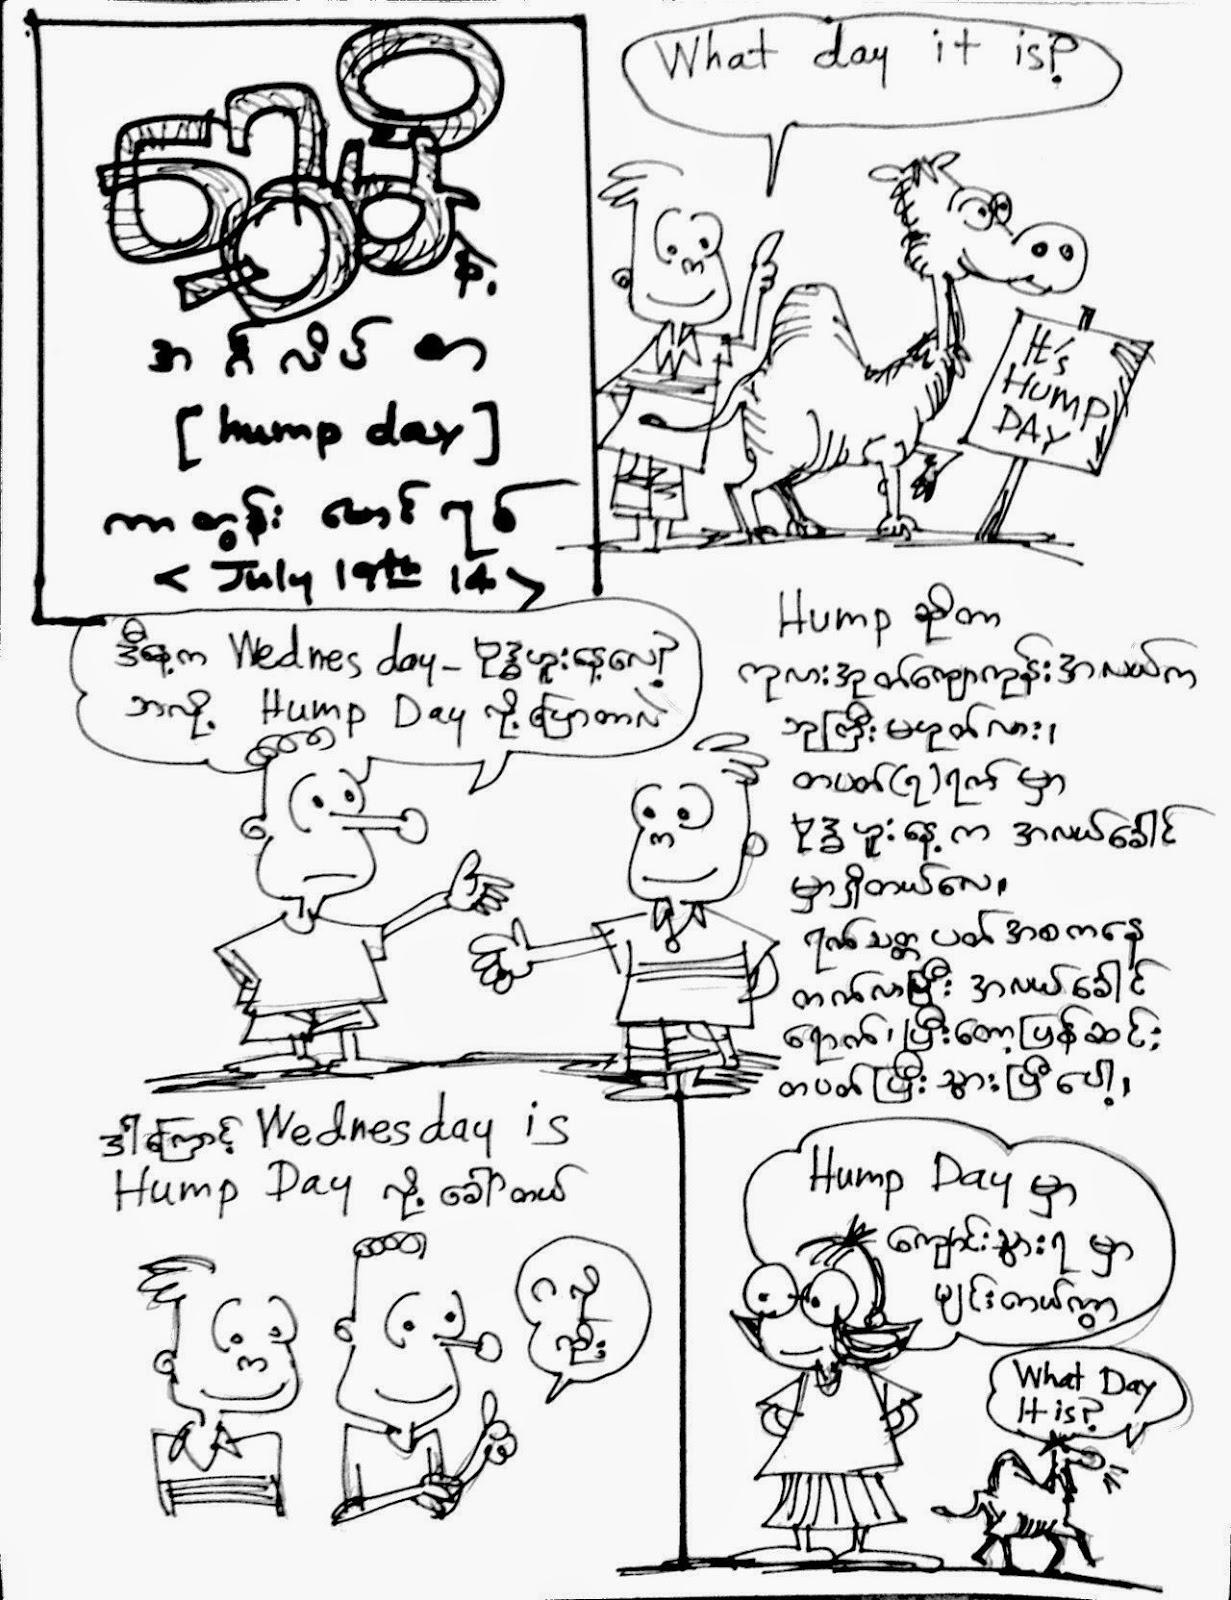 ကာတြန္း ေမာင္ရစ္ - ေရႊမိနဲ႔ အဂၤလိပ္စာ (Hump Day)